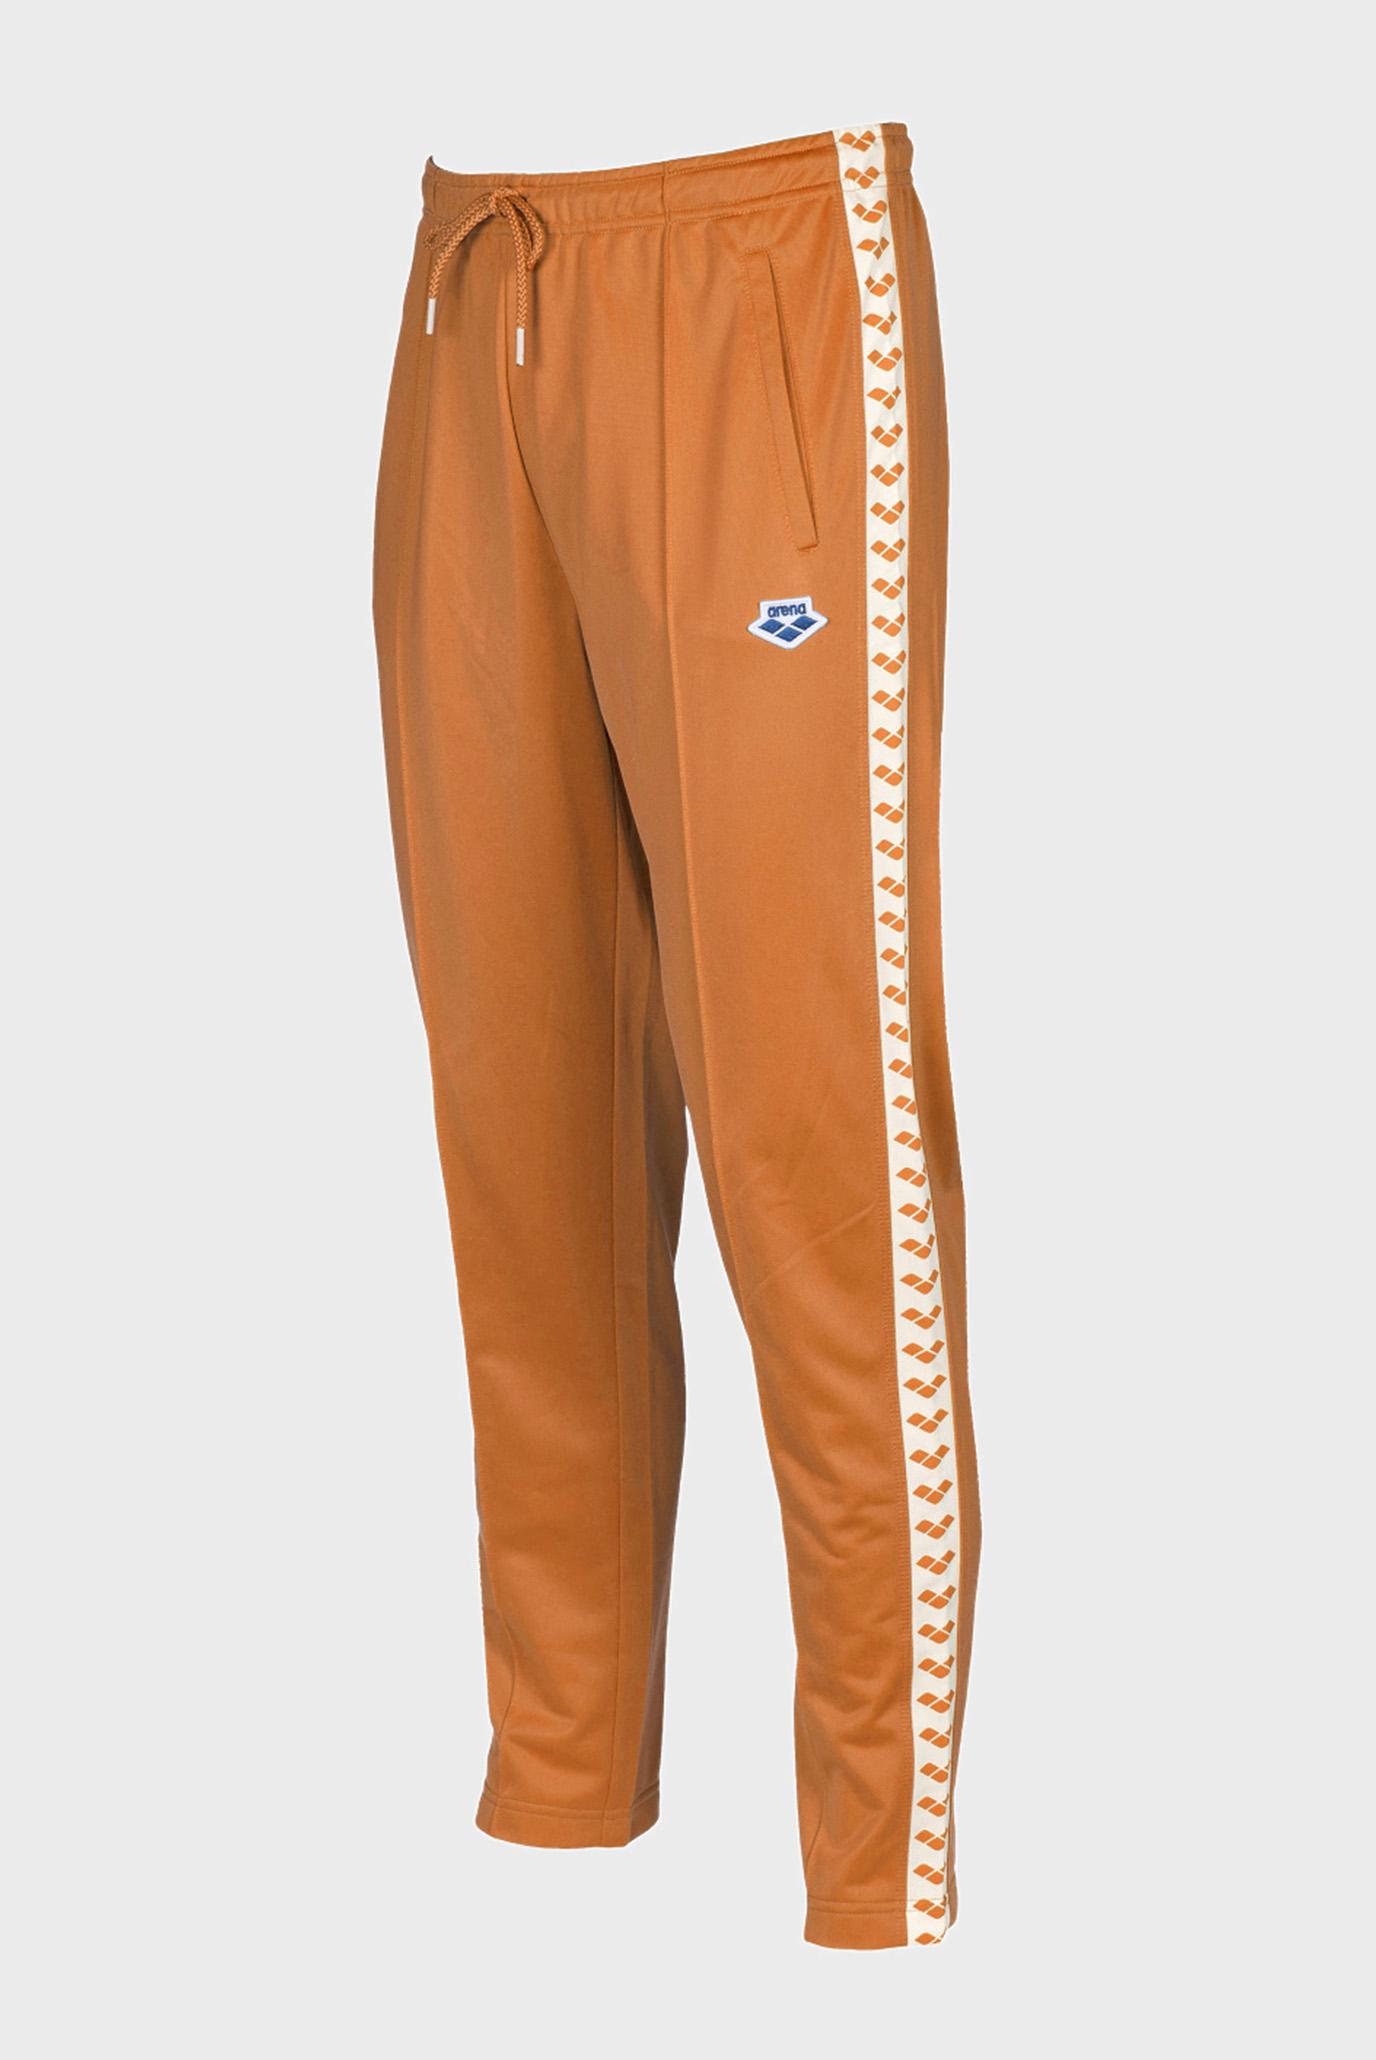 Купить Мужские оранжевые спортивные брюки RELAX IV TEAM Arena Arena 001230-341 – Киев, Украина. Цены в интернет магазине MD Fashion